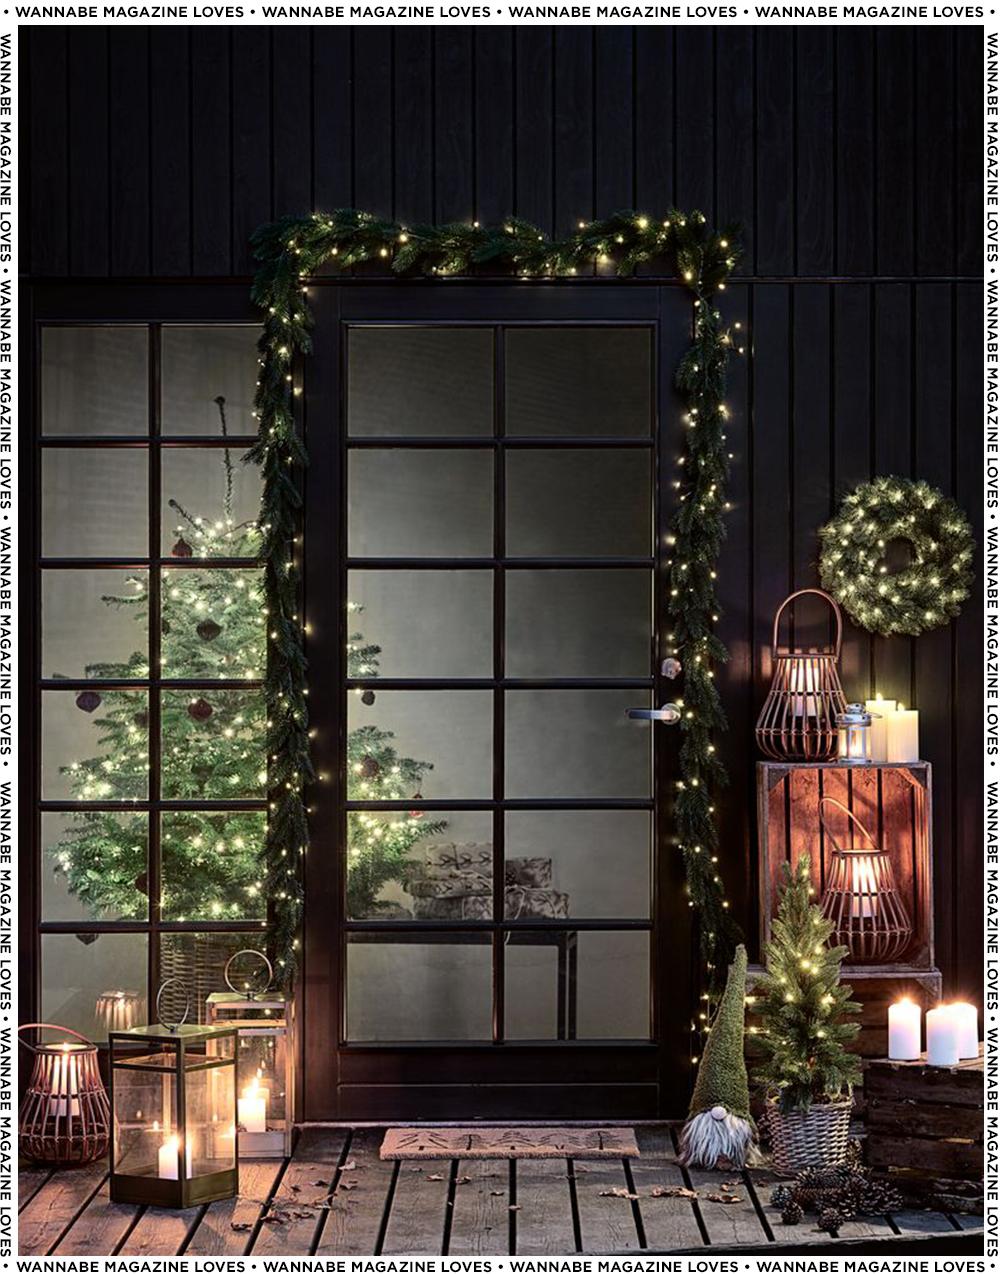 JYSK 1 Unesite novogodišnje raspoloženje u svoj dom ovim prazničnim detaljima